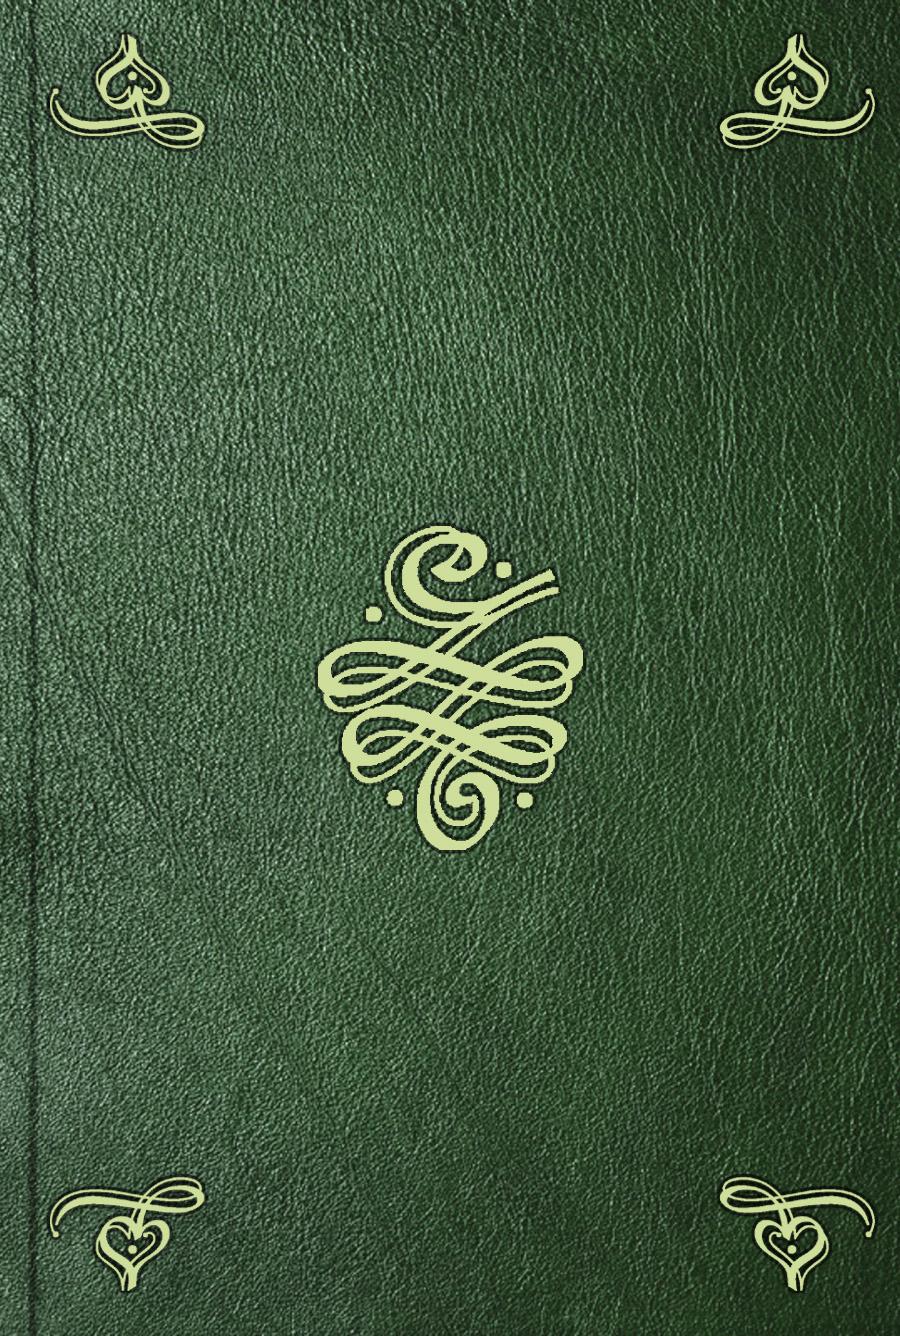 цена Robert Le Suire Le philosophe parvenu ou lettres et pieces originales. T. 1 онлайн в 2017 году